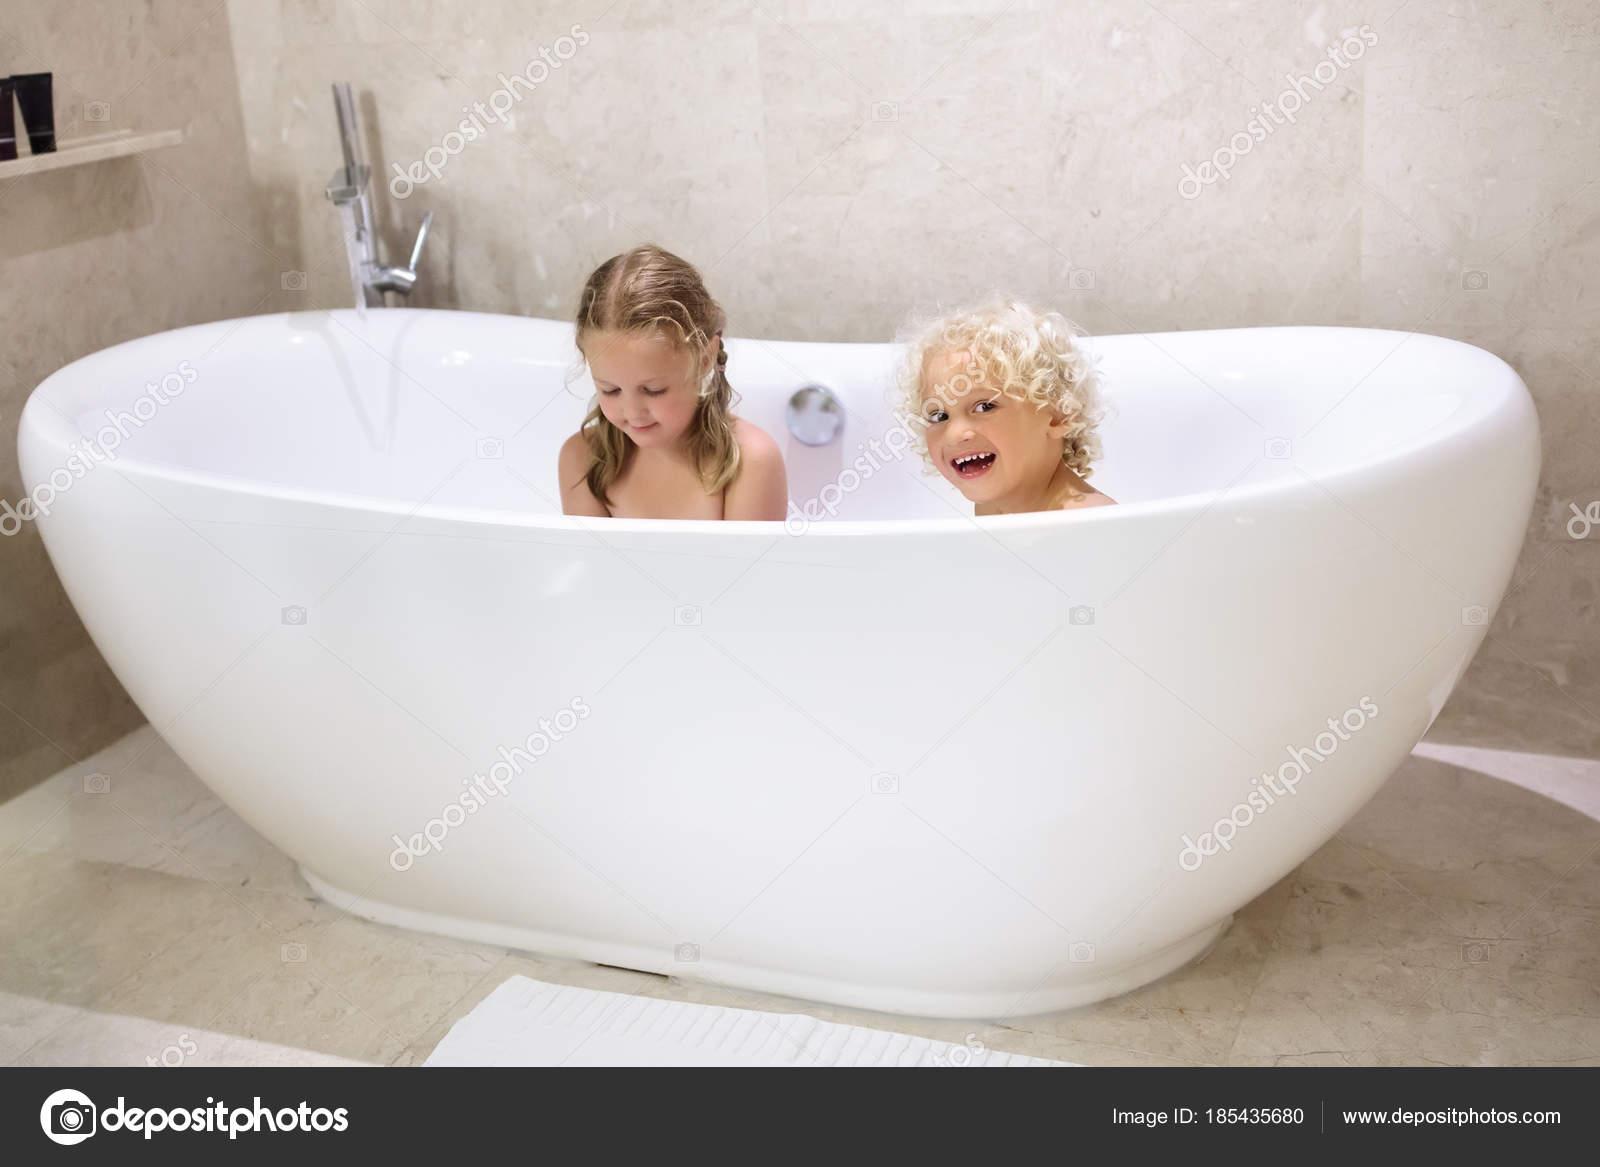 Kinderen in bad. Kinderen baden. Familie badkamer — Stockfoto ...